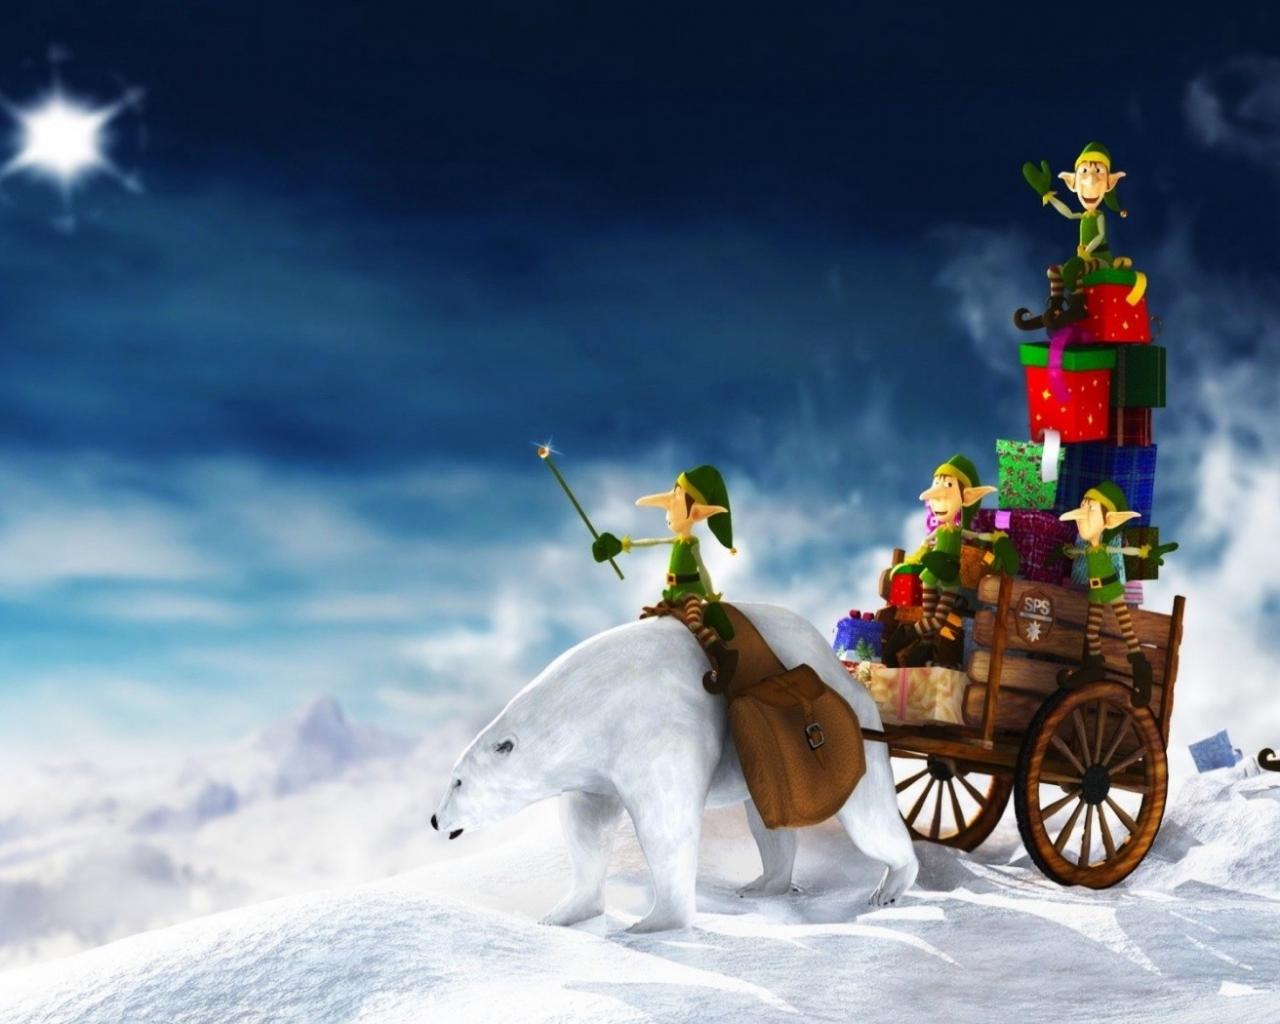 Duendes en navidad - 1280x1024